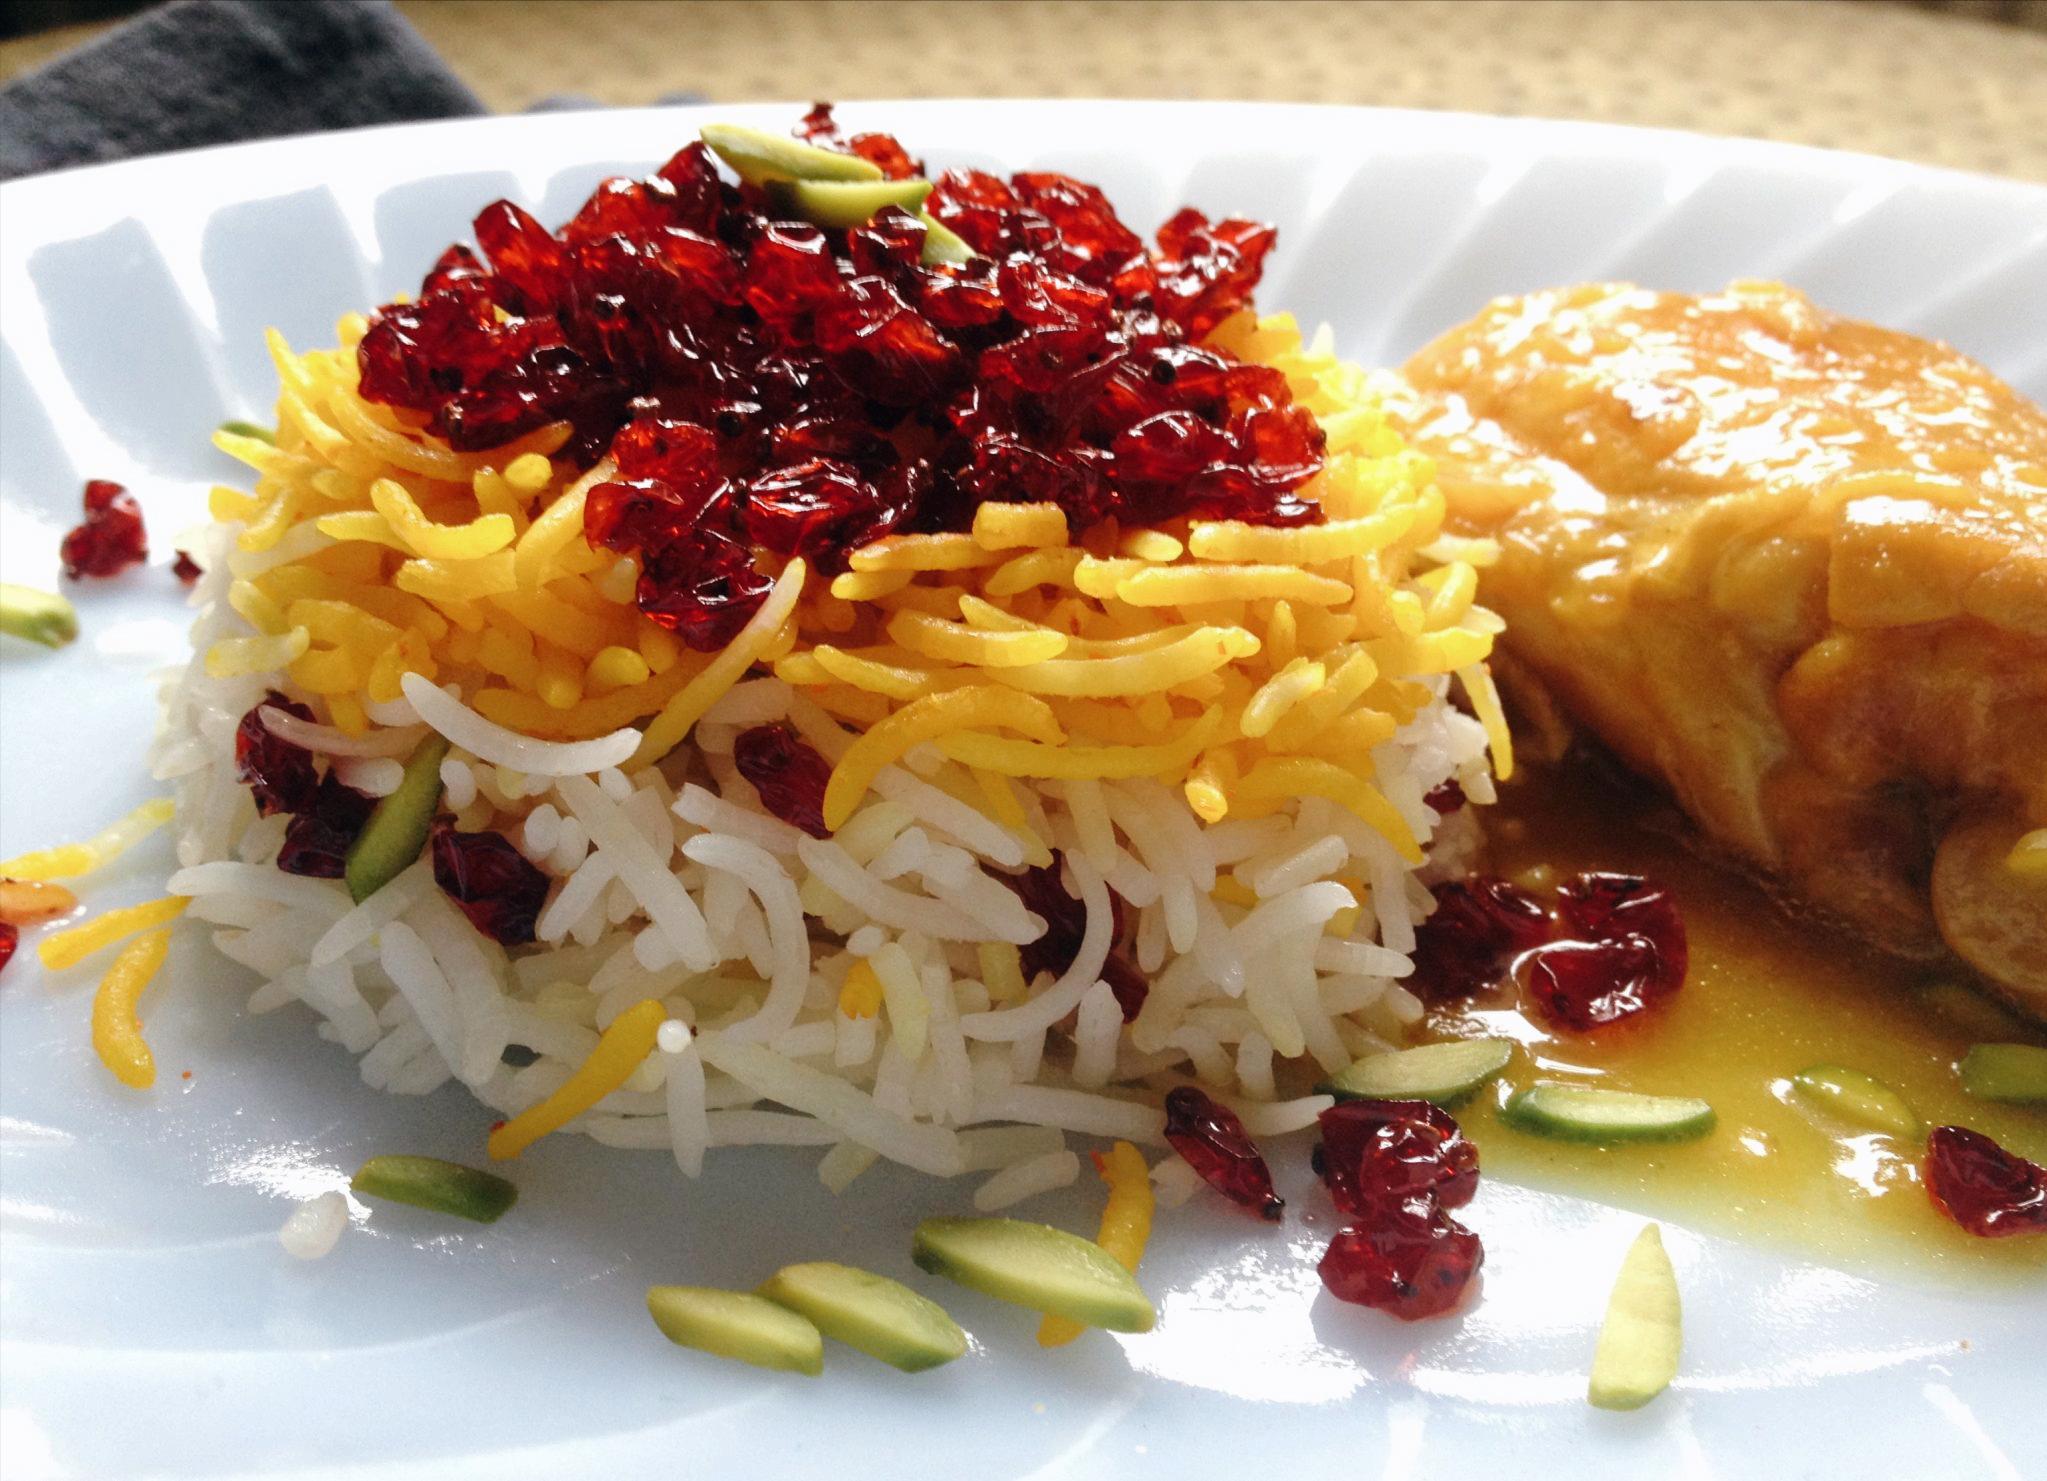 从波斯到伊朗,这些美食告诉你伊朗的饮食文化有多丰富